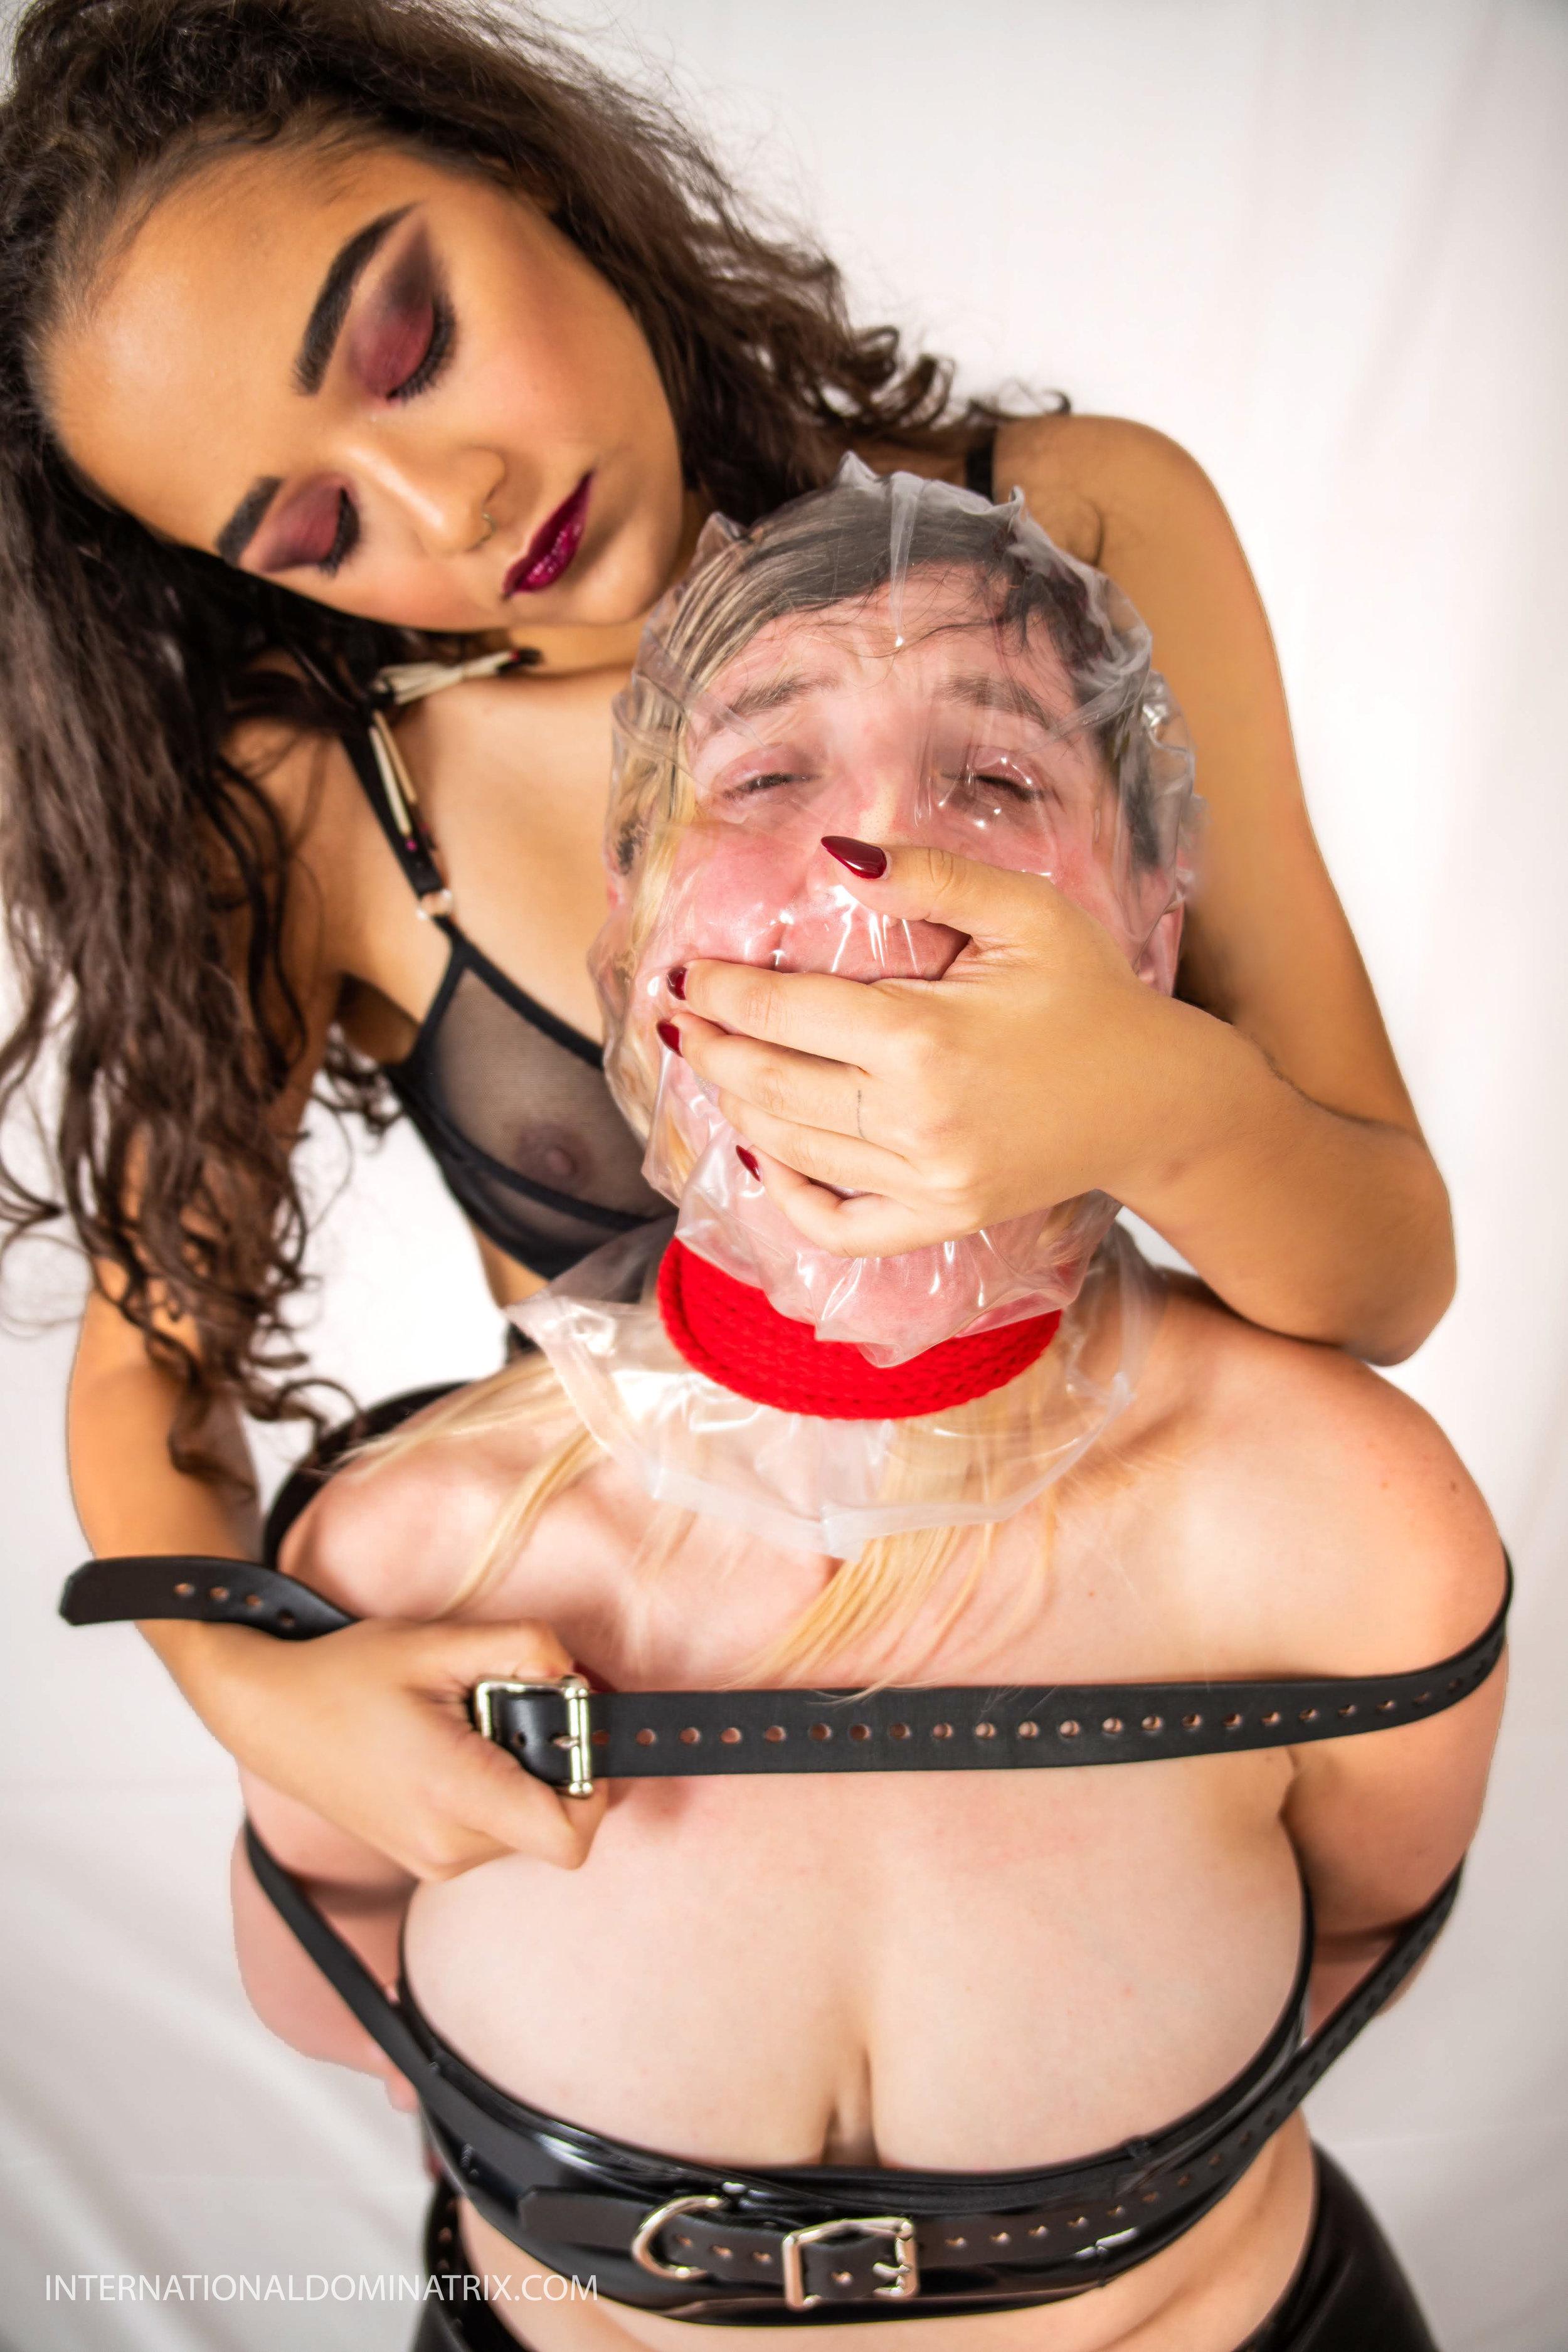 Choking BDSM Mistress Lesbian